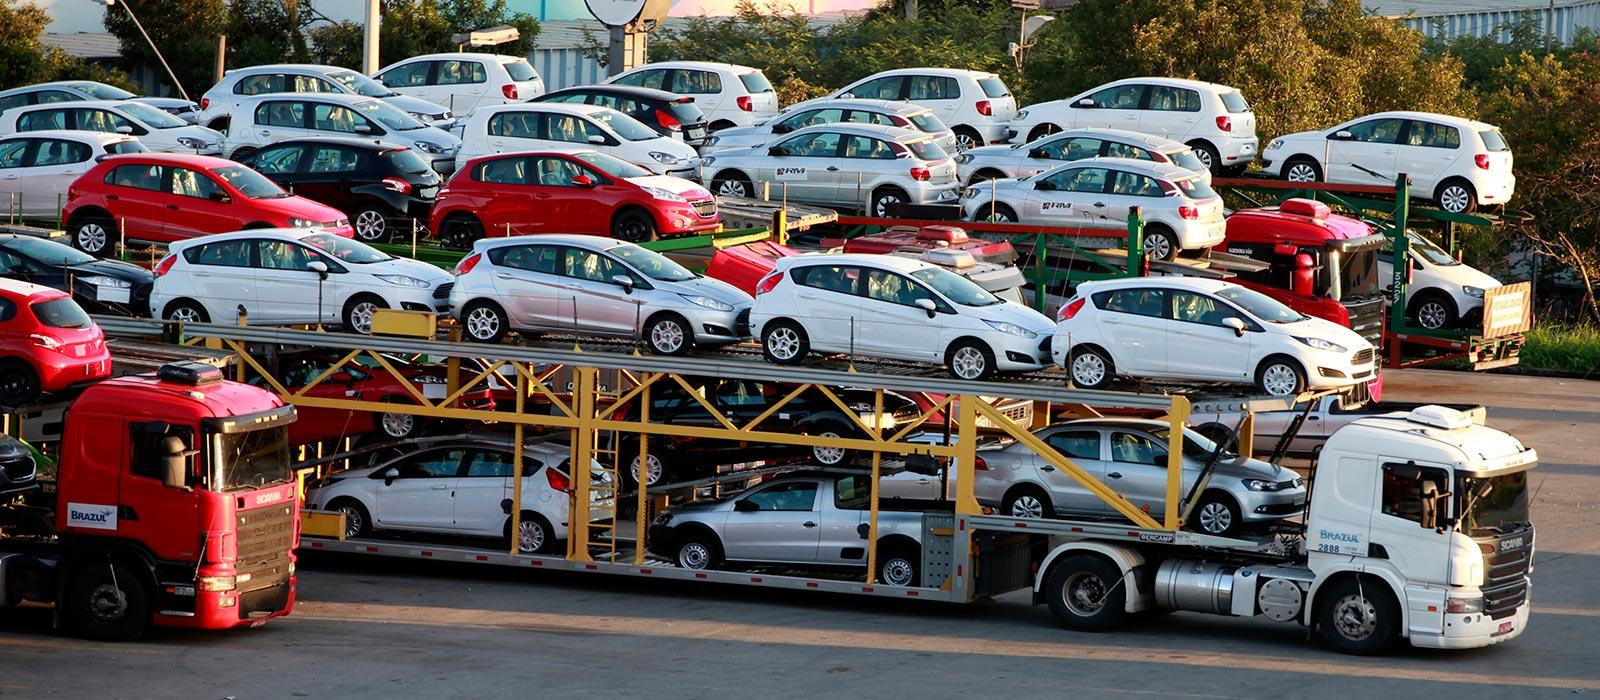 دیوان عدالت اداری مصوبه ممنوعیت واردات خودروهای بالای ۲۵۰۰ سیسی را باطل کرد